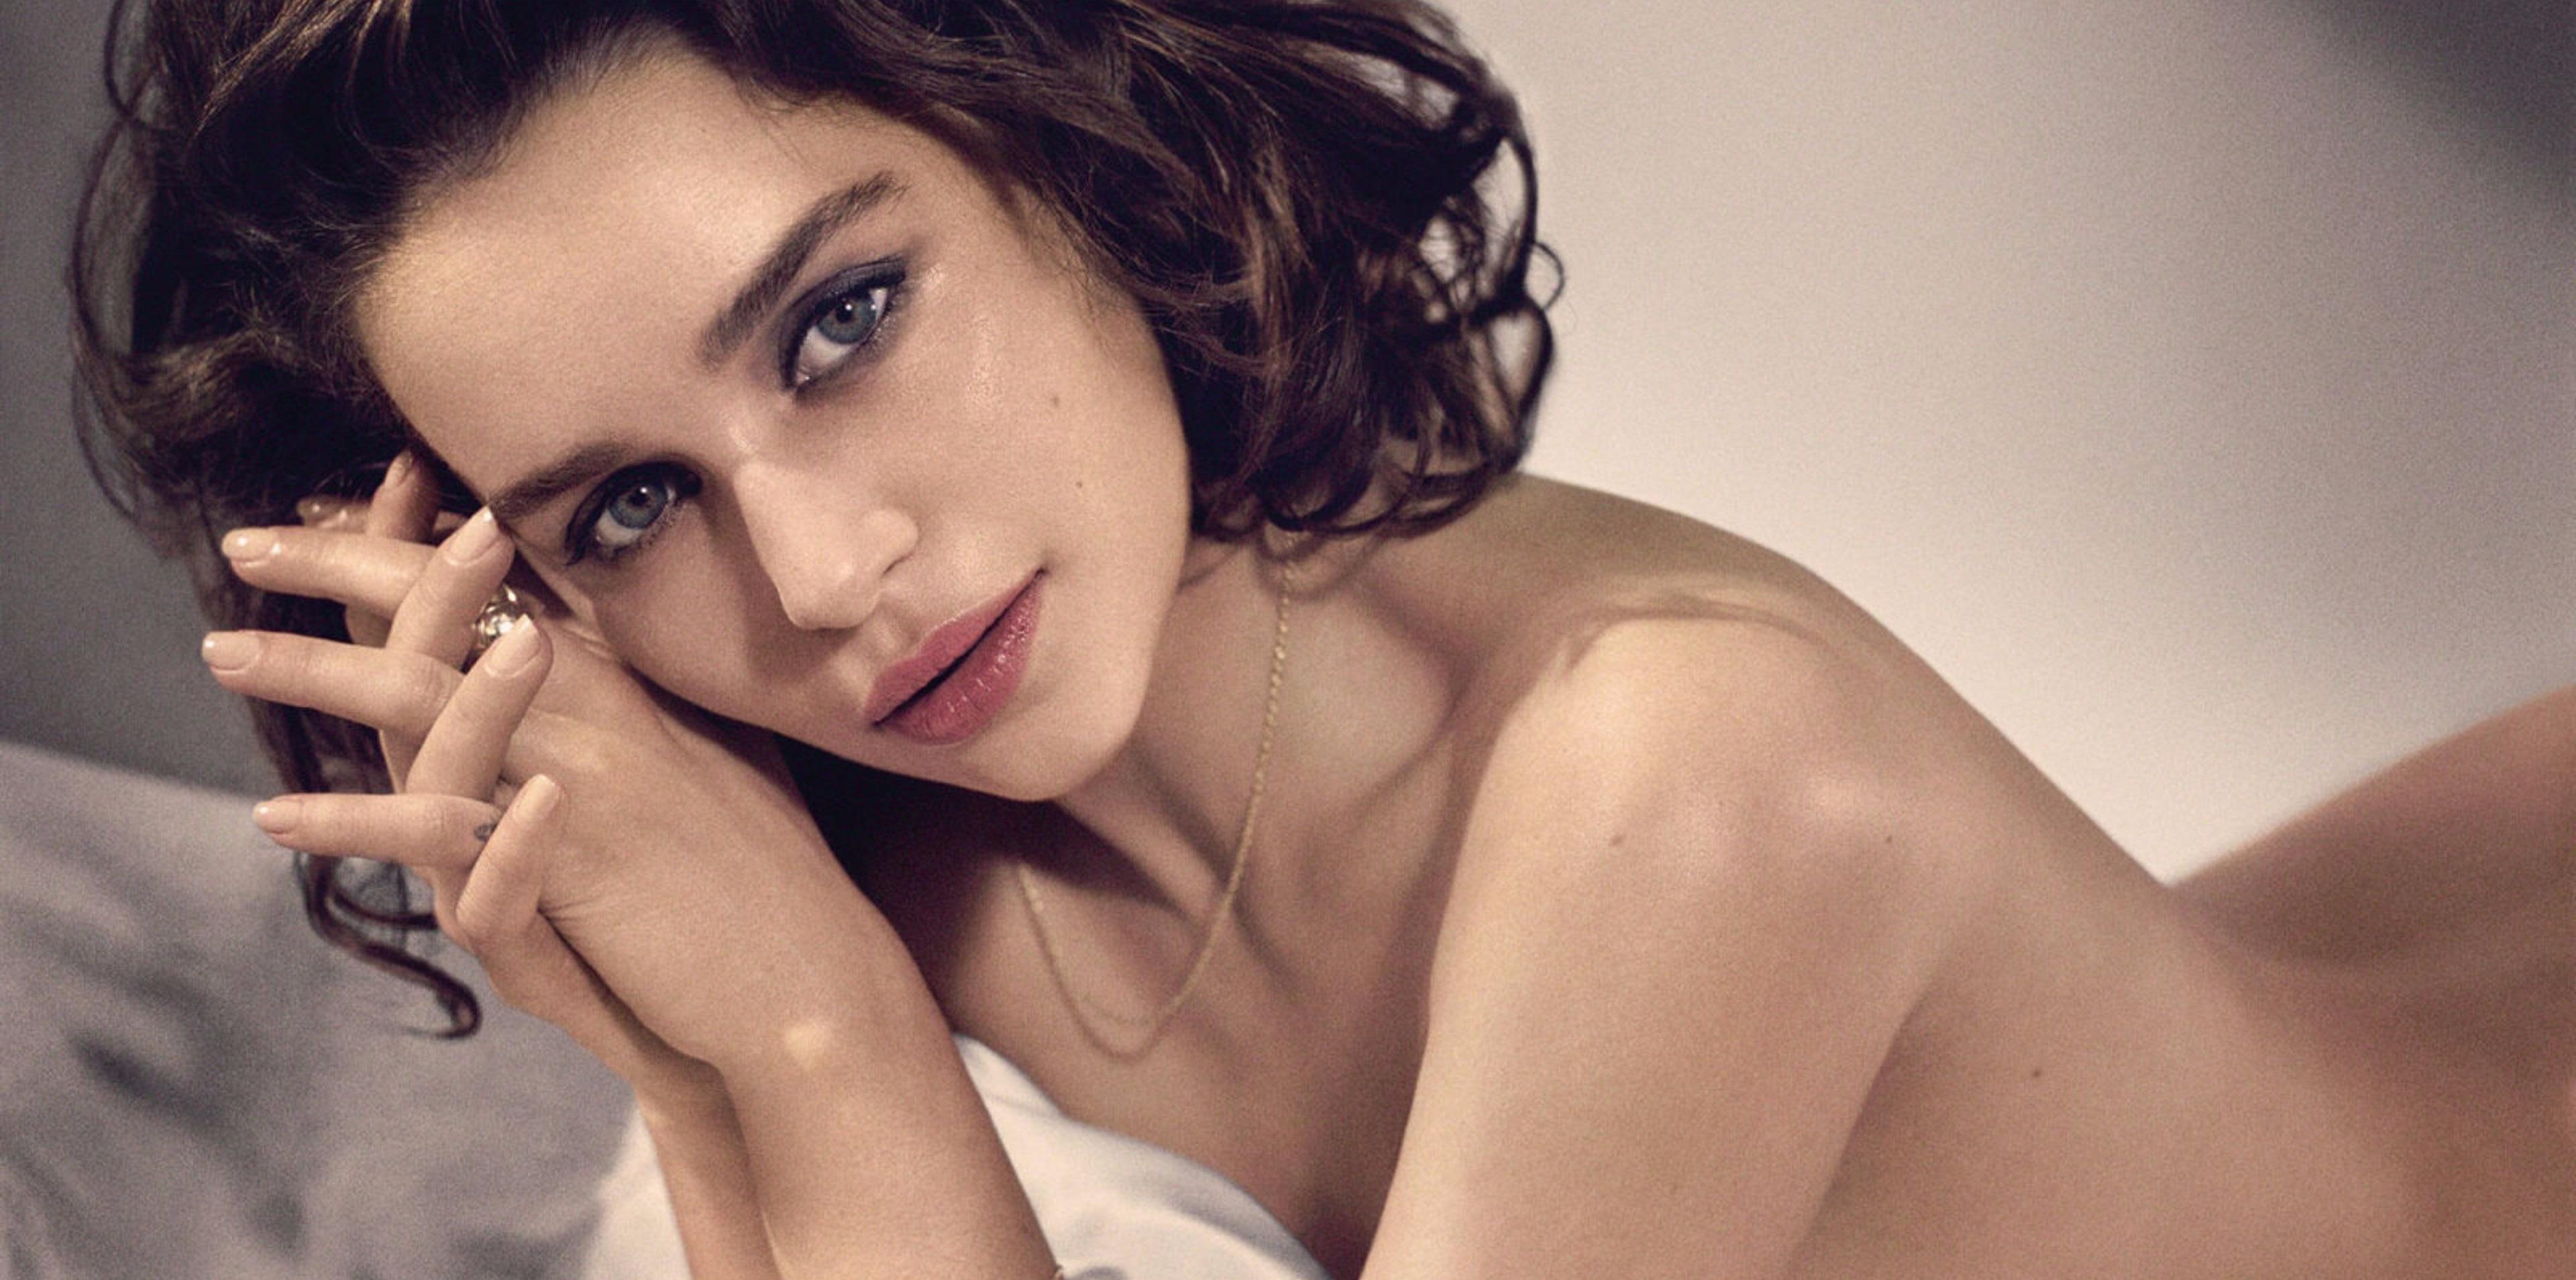 Emilia Clarke - attrici più belle sexy giovani emergenti